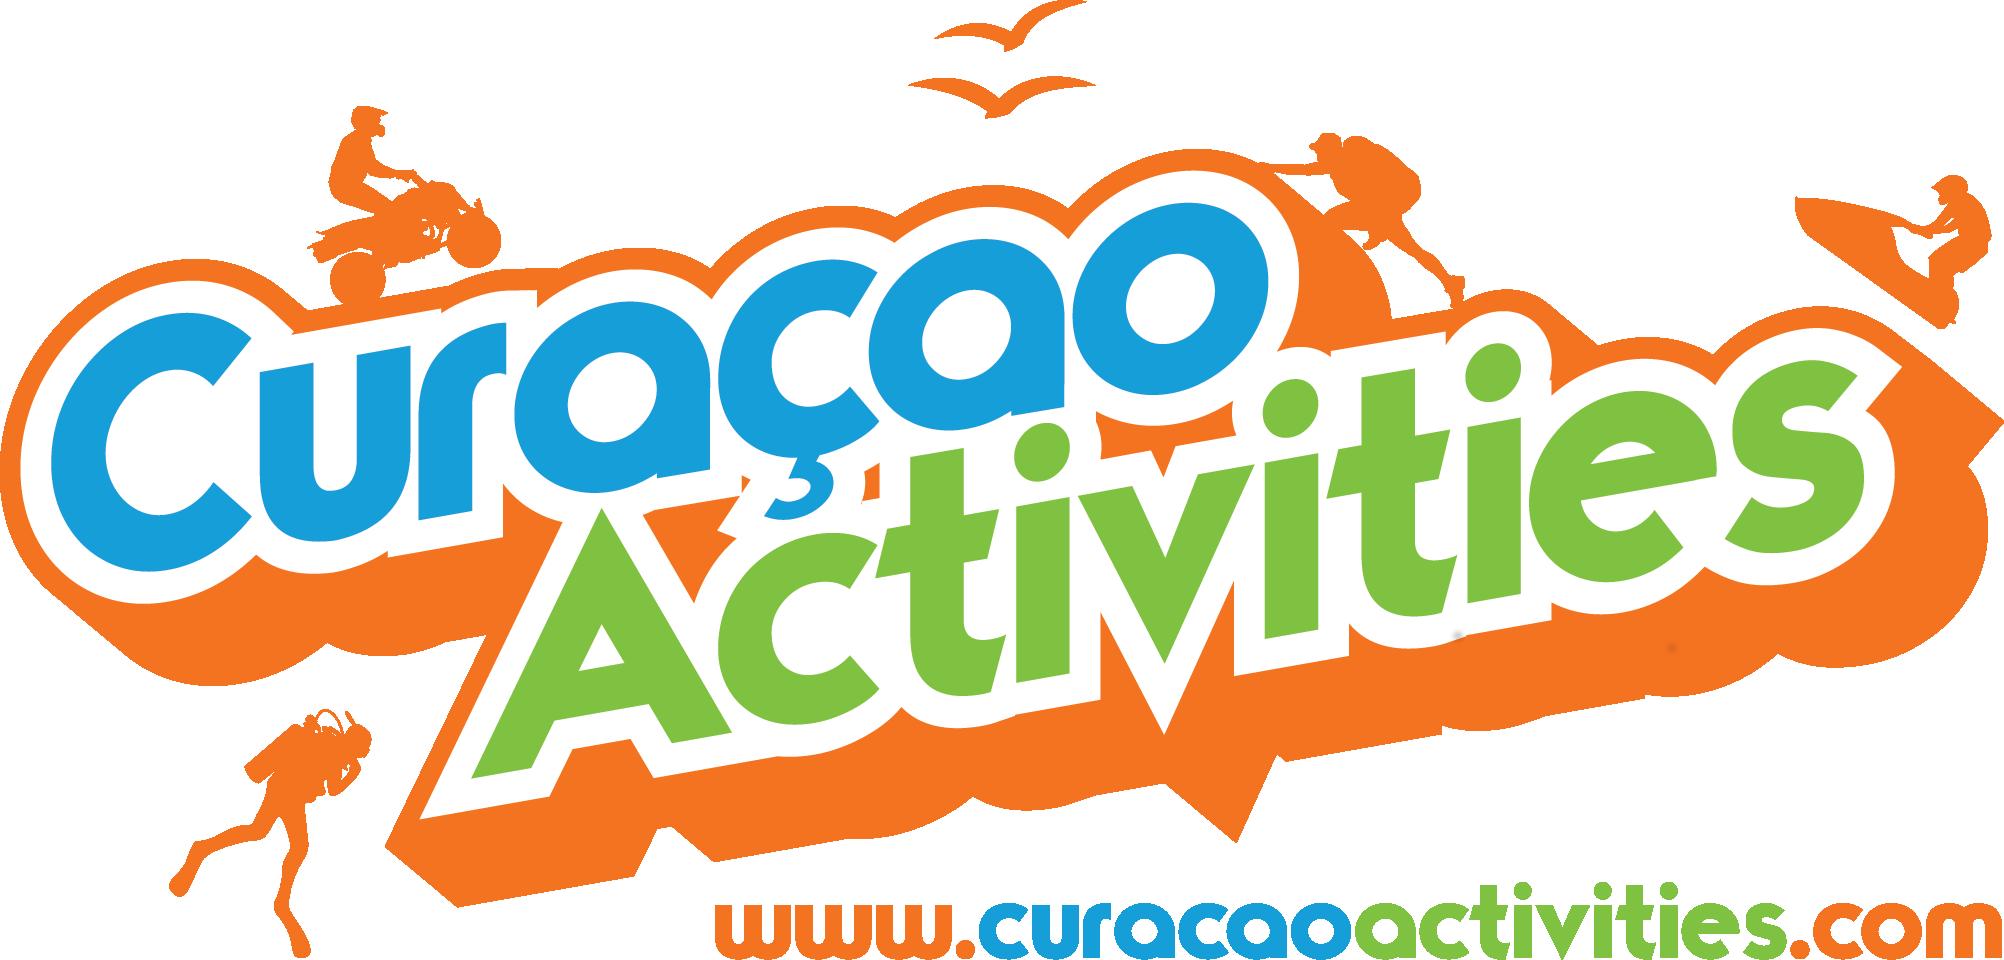 Curacao Activities